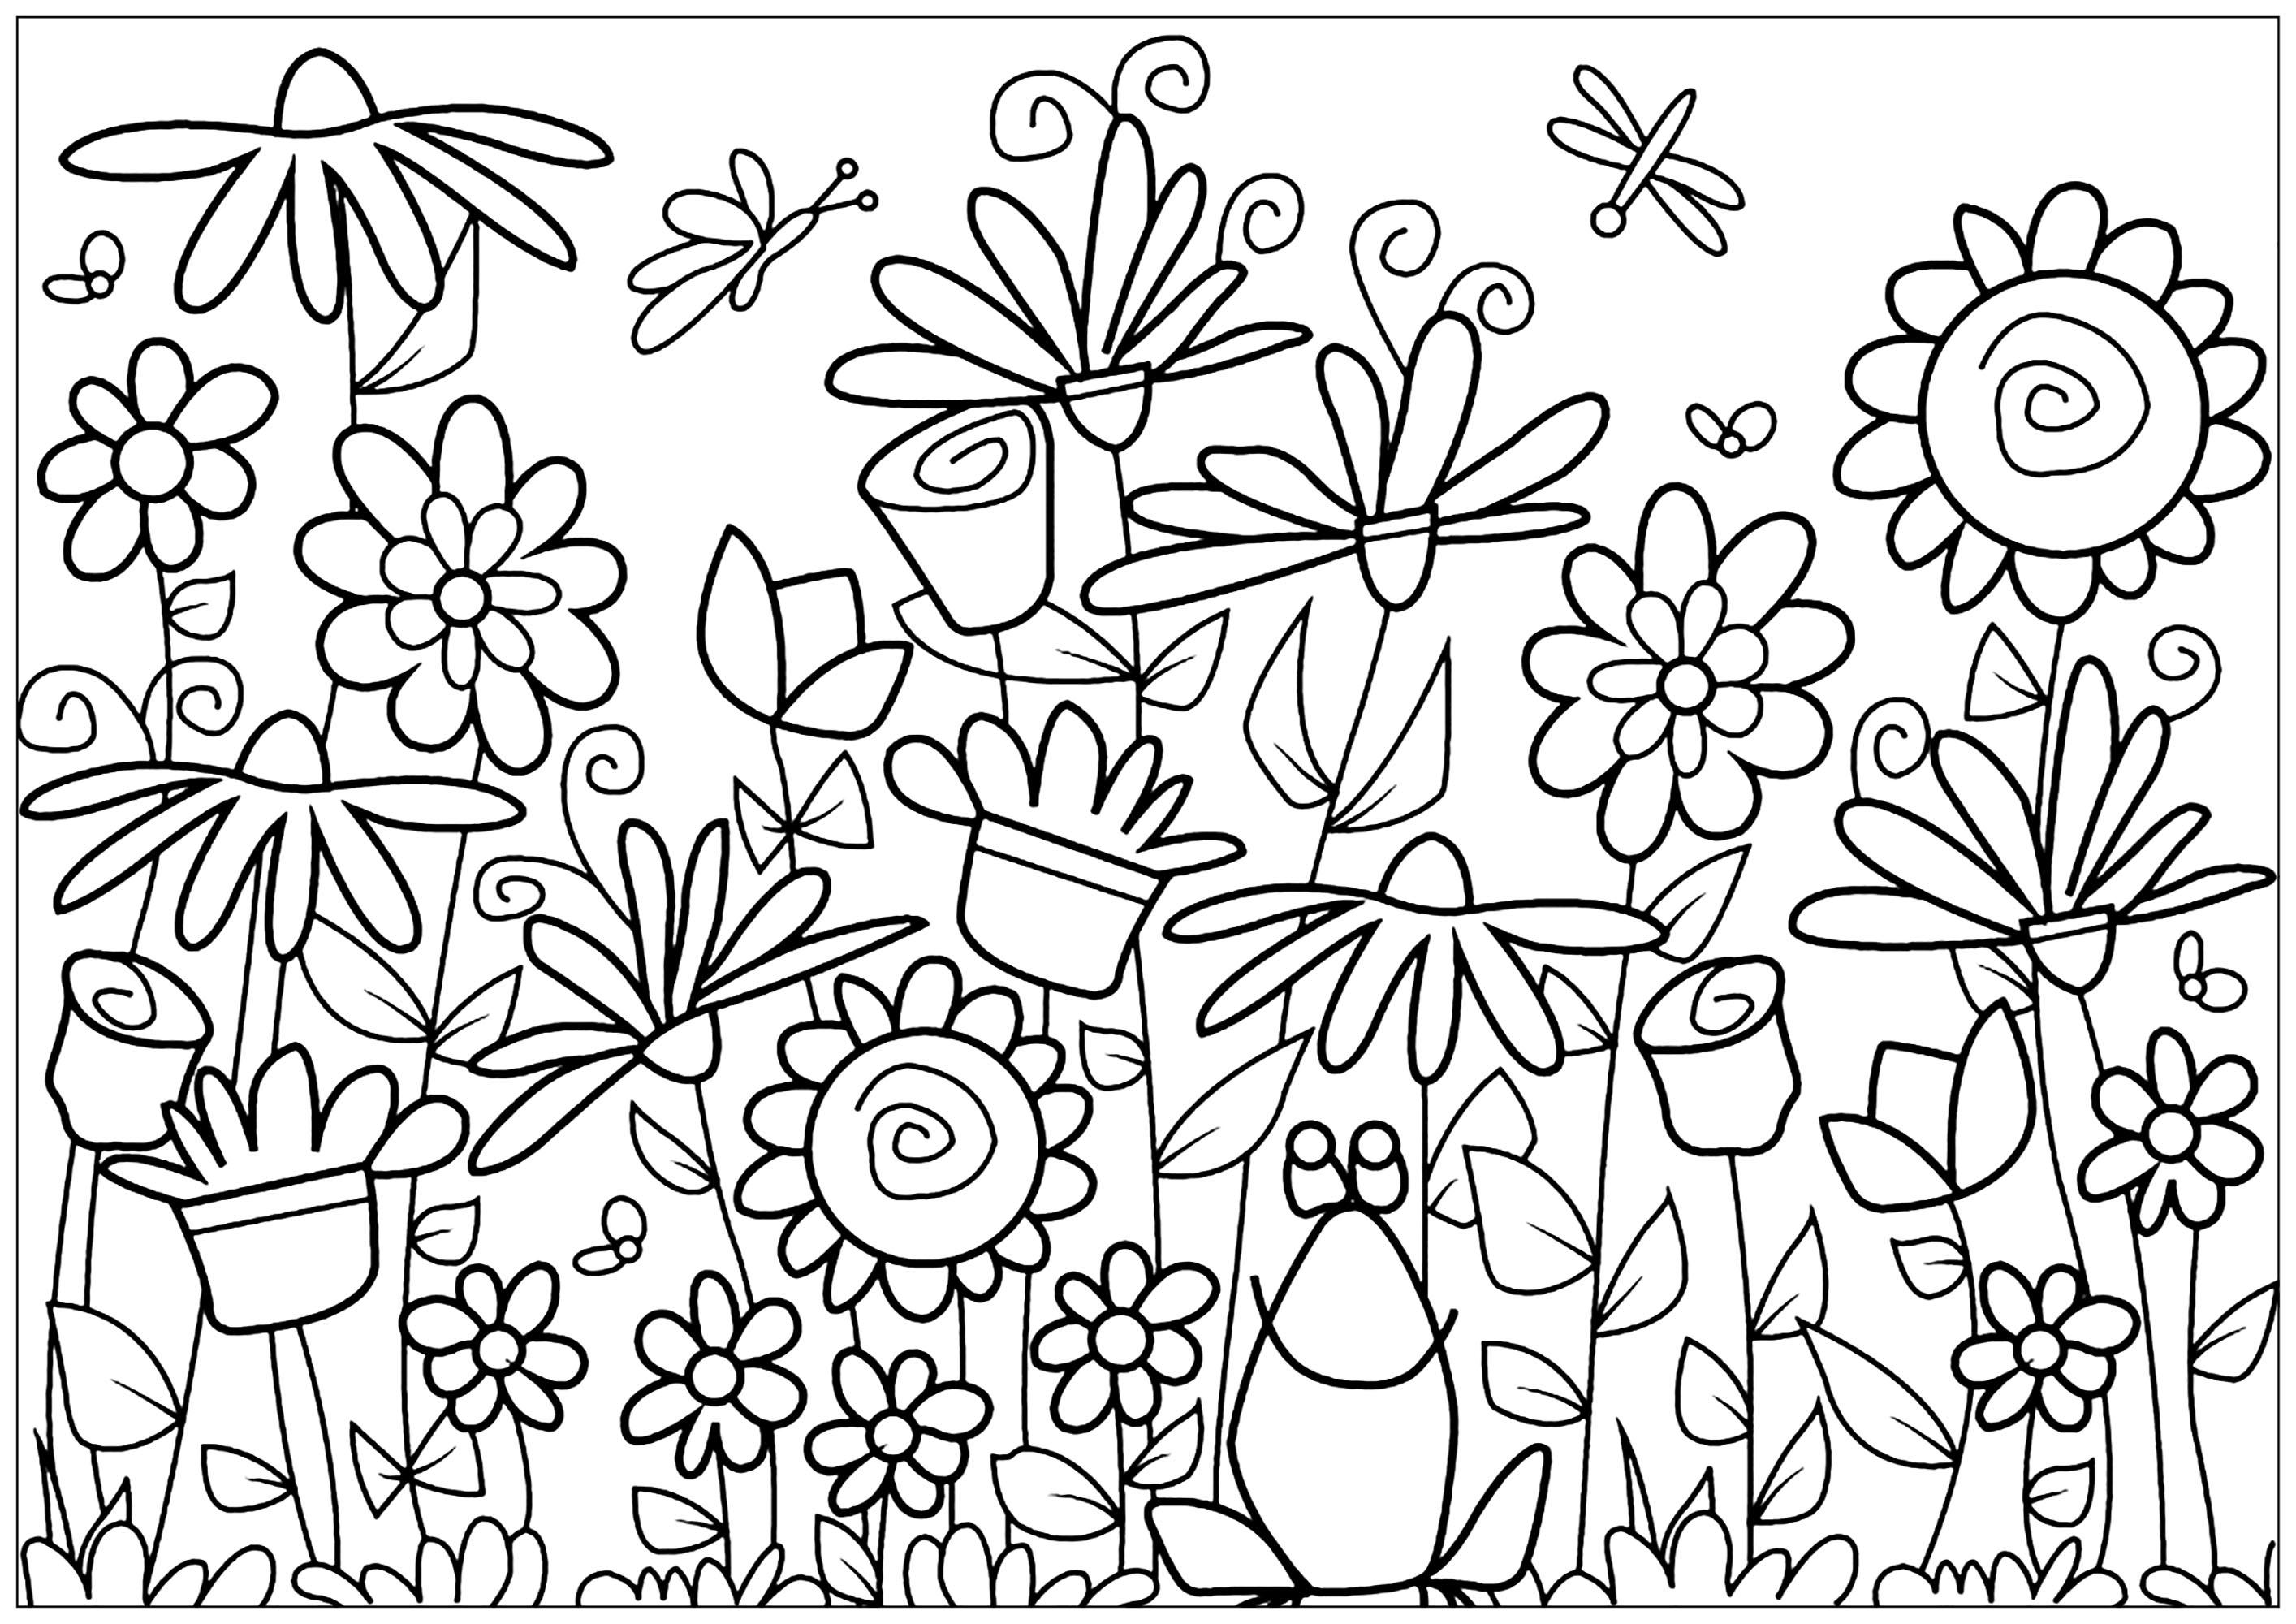 Dibujos Para Colorear De Flora: Flores Y Vegetacion 22234